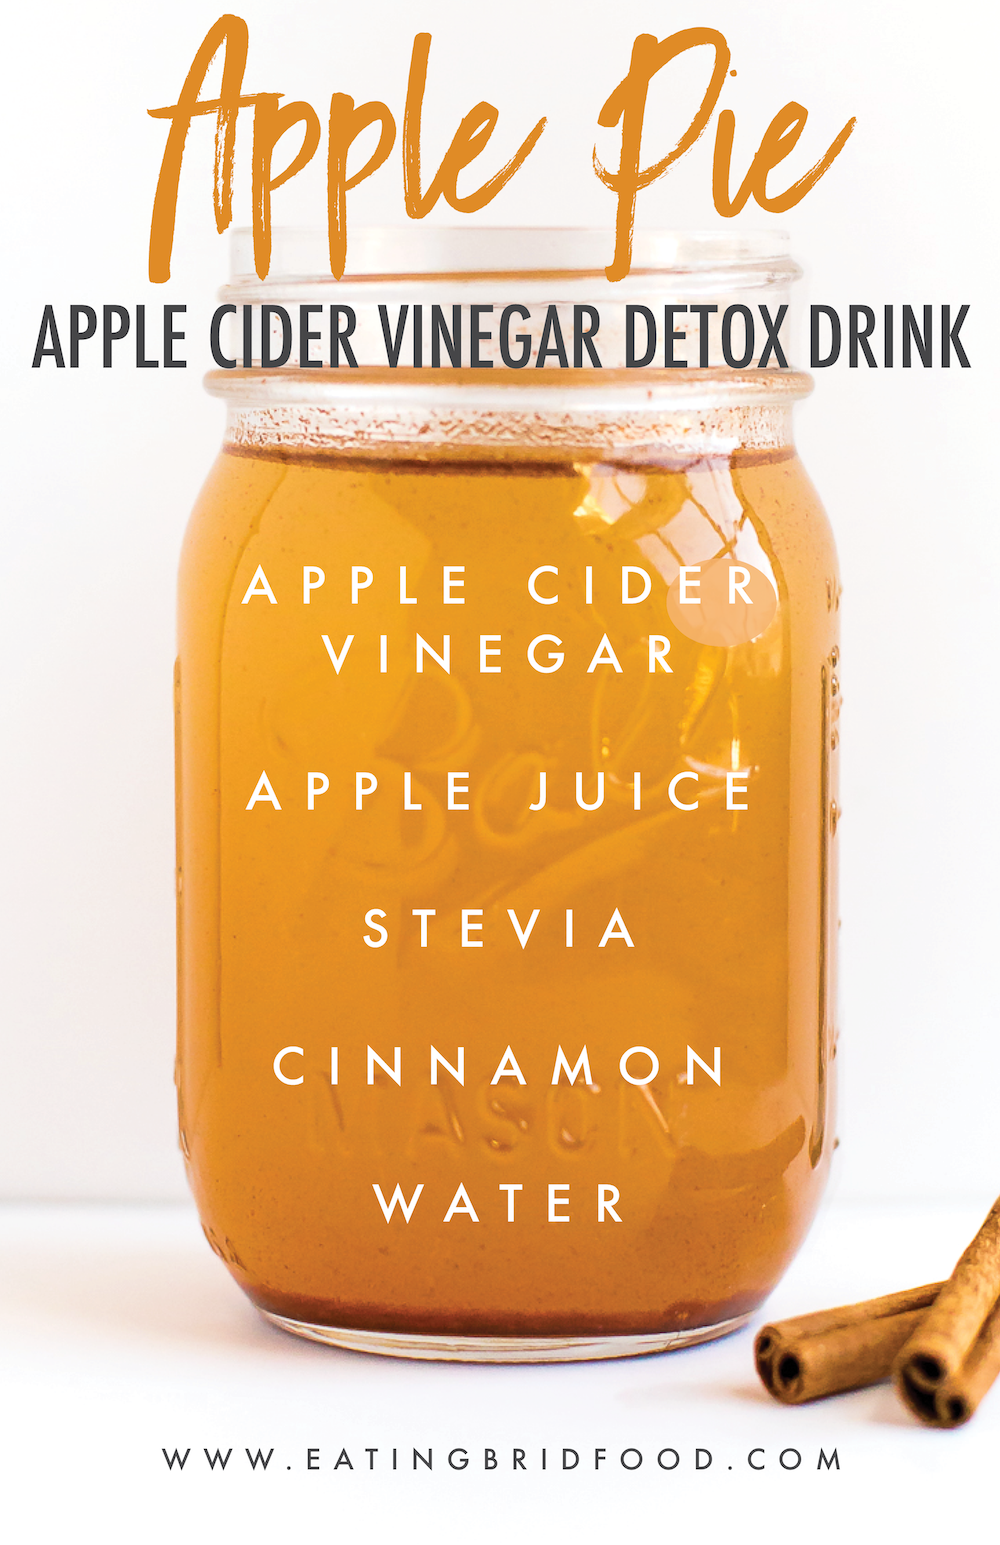 Apple Cider Vinegar Drink Recipe Apple cider vinegar